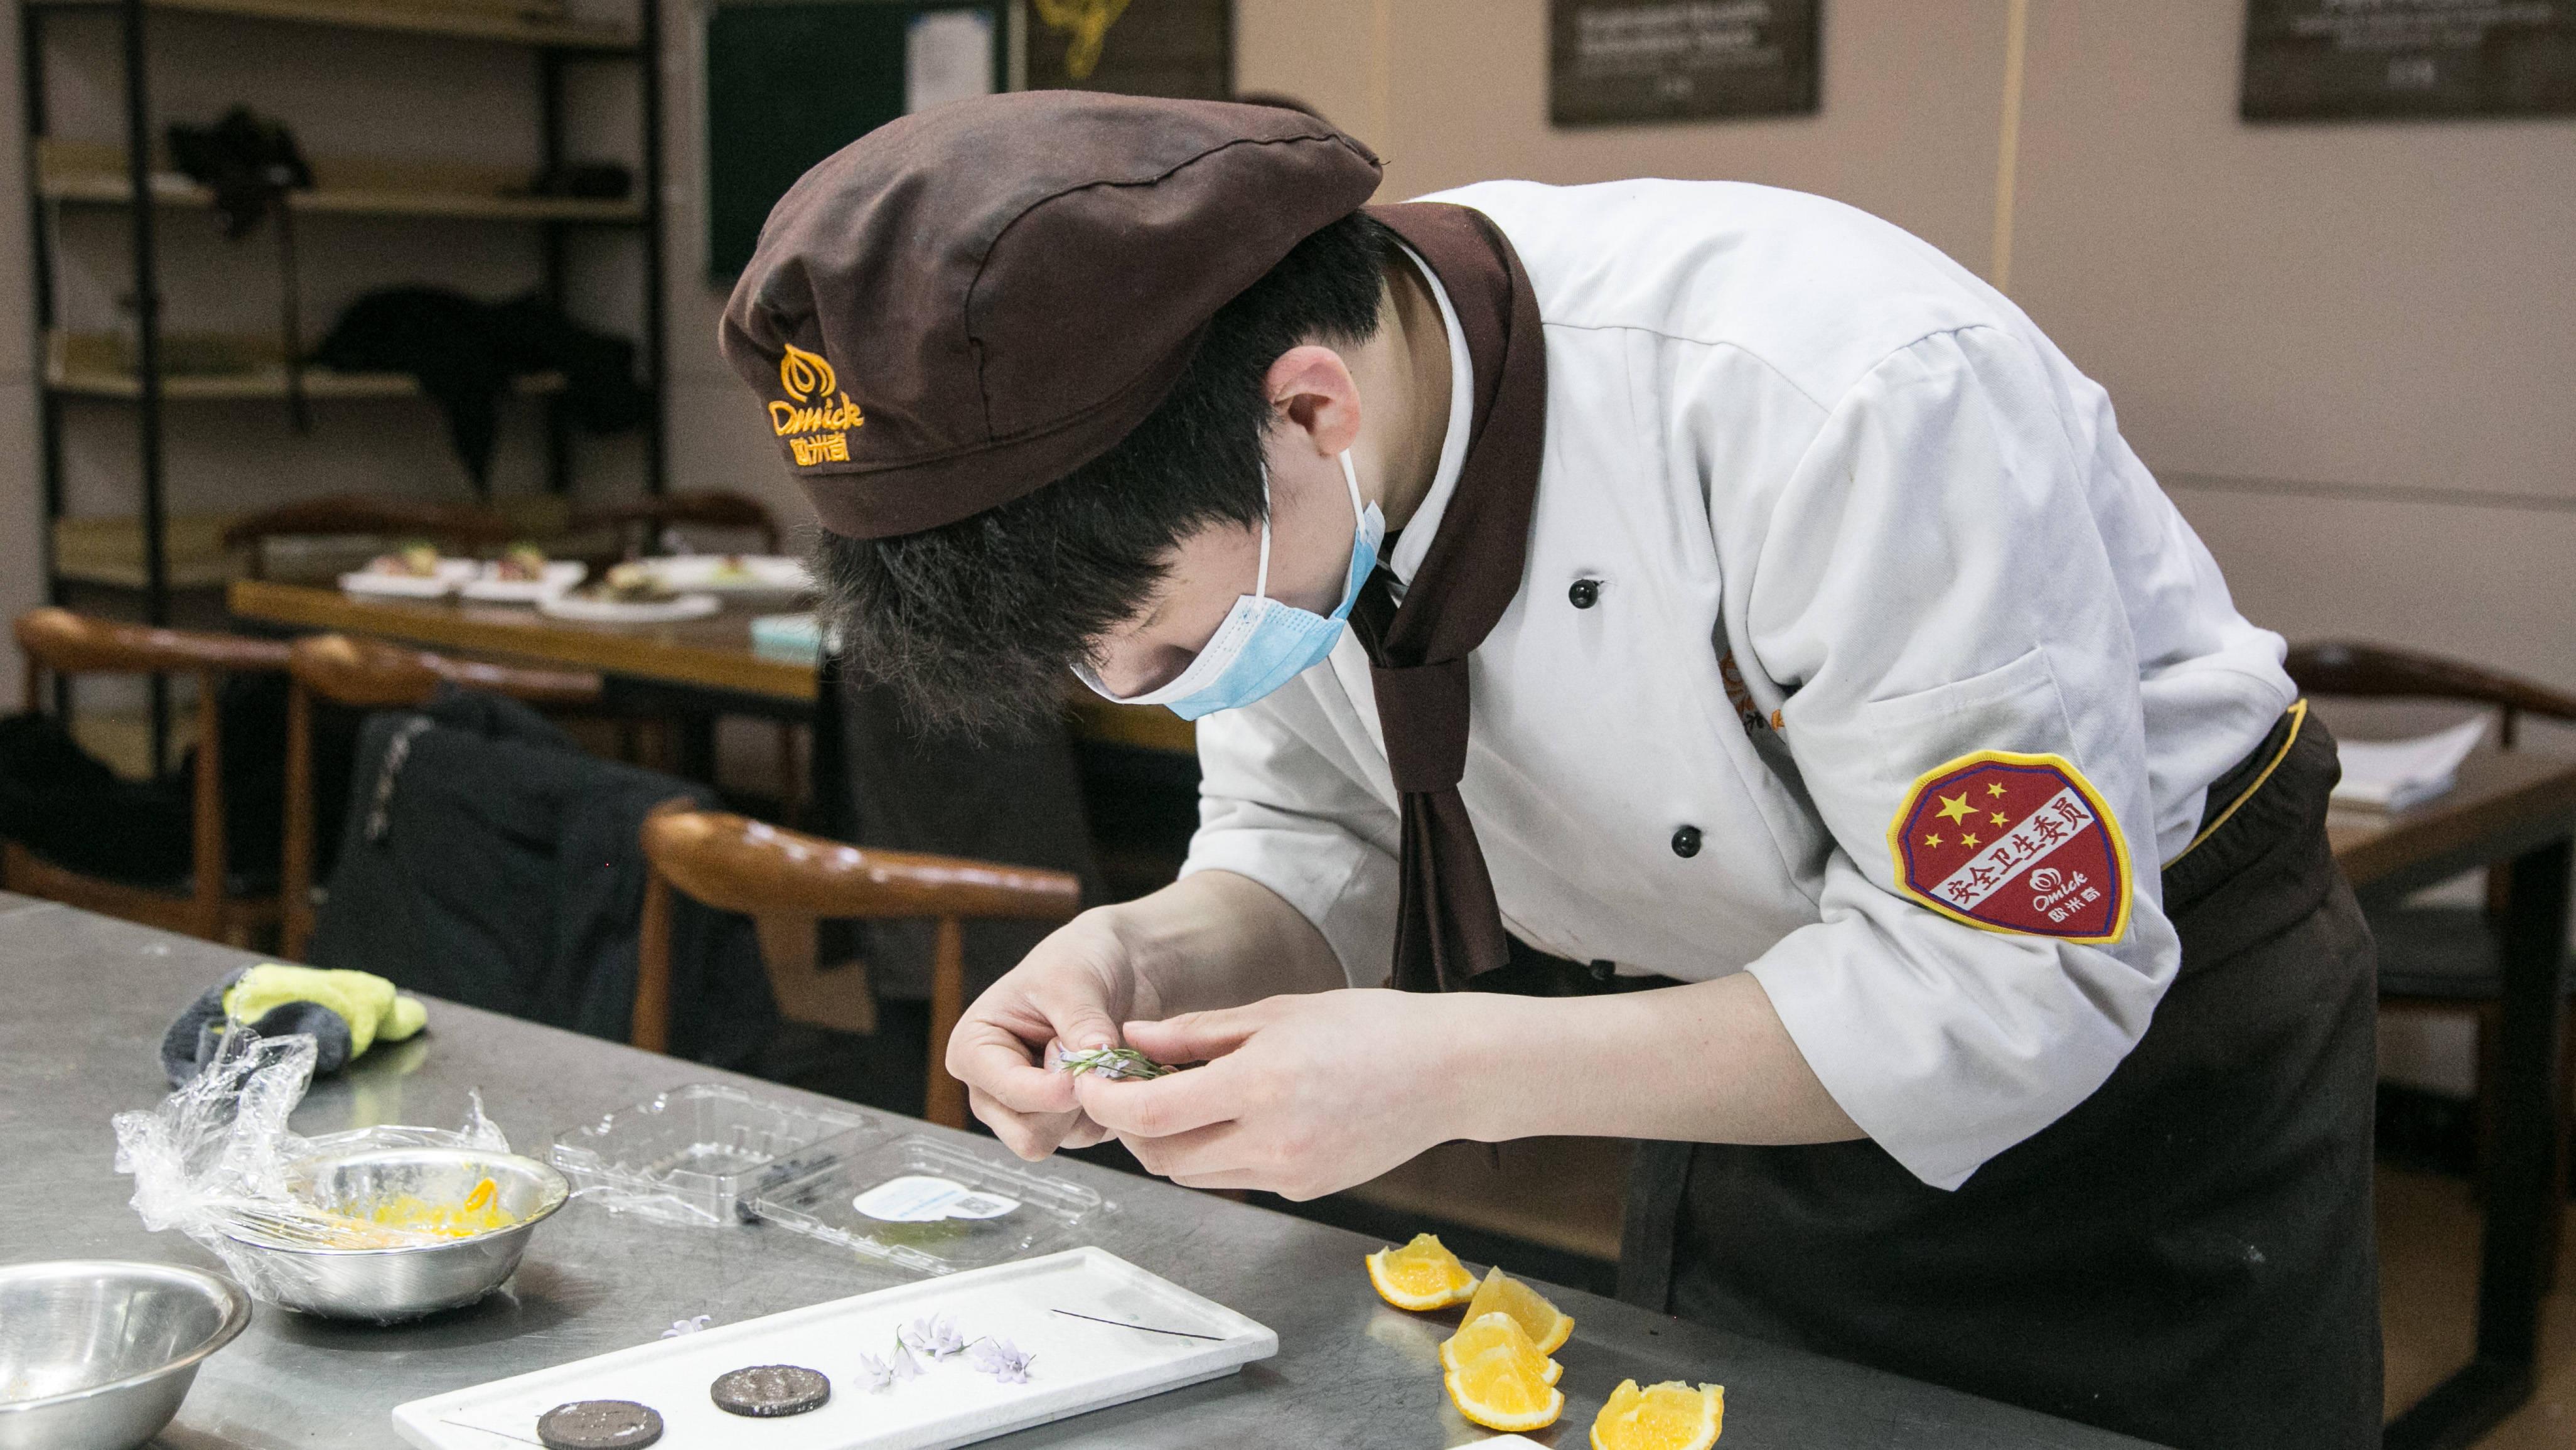 学西餐厨师的最佳年龄 西餐师一般月薪多少钱